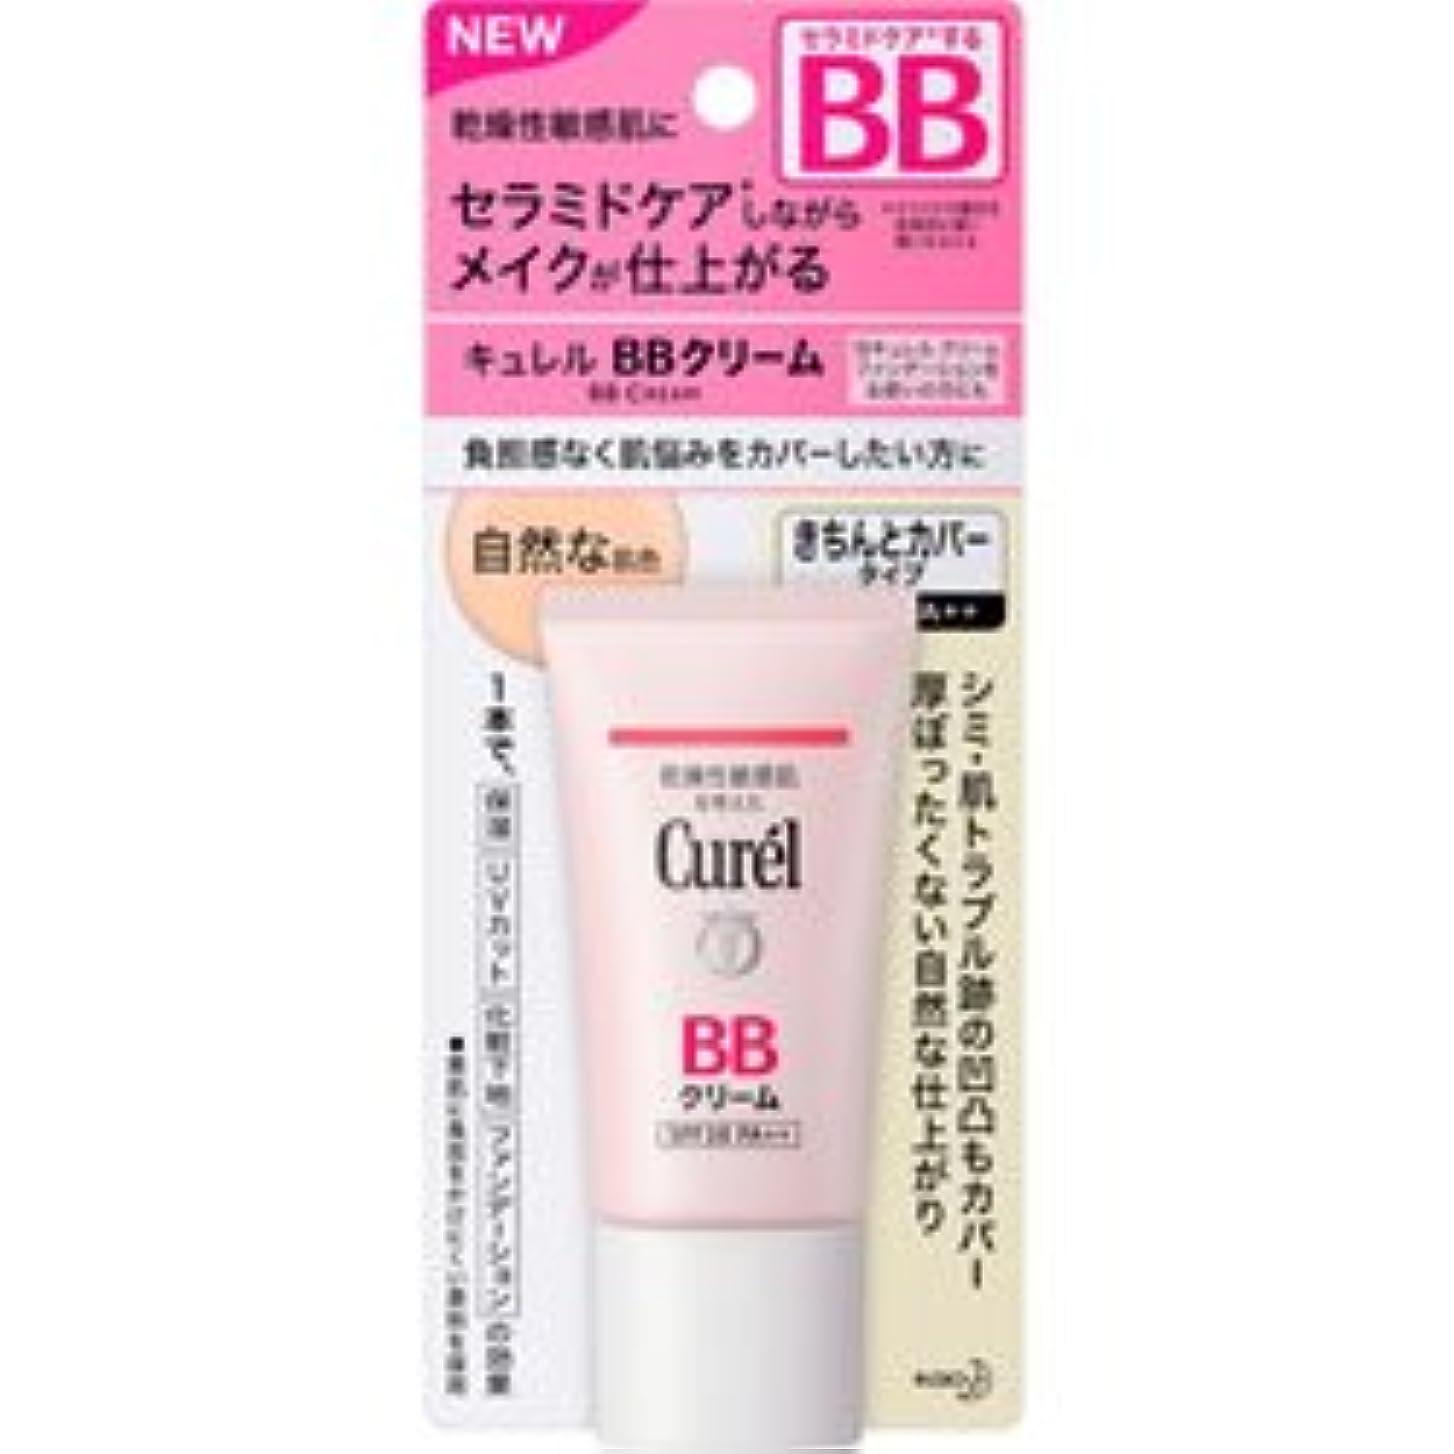 【花王】キュレル BBクリーム 自然な肌色 35g ×5個セット